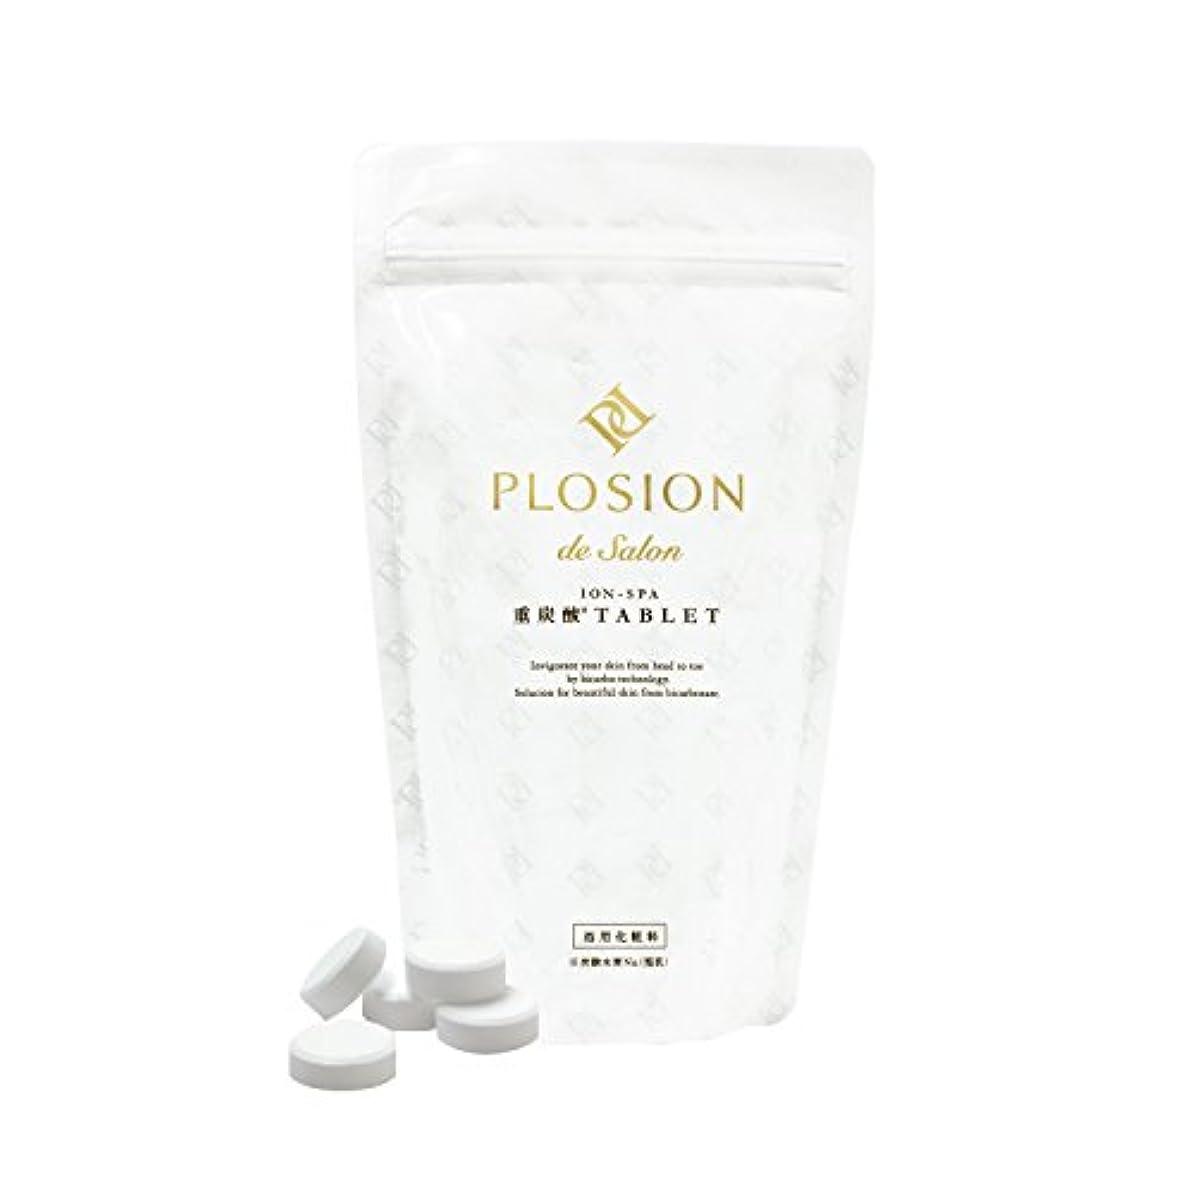 病んでいる影響力のある時期尚早プロージョン バイカーボタブレット(浴用化粧料)